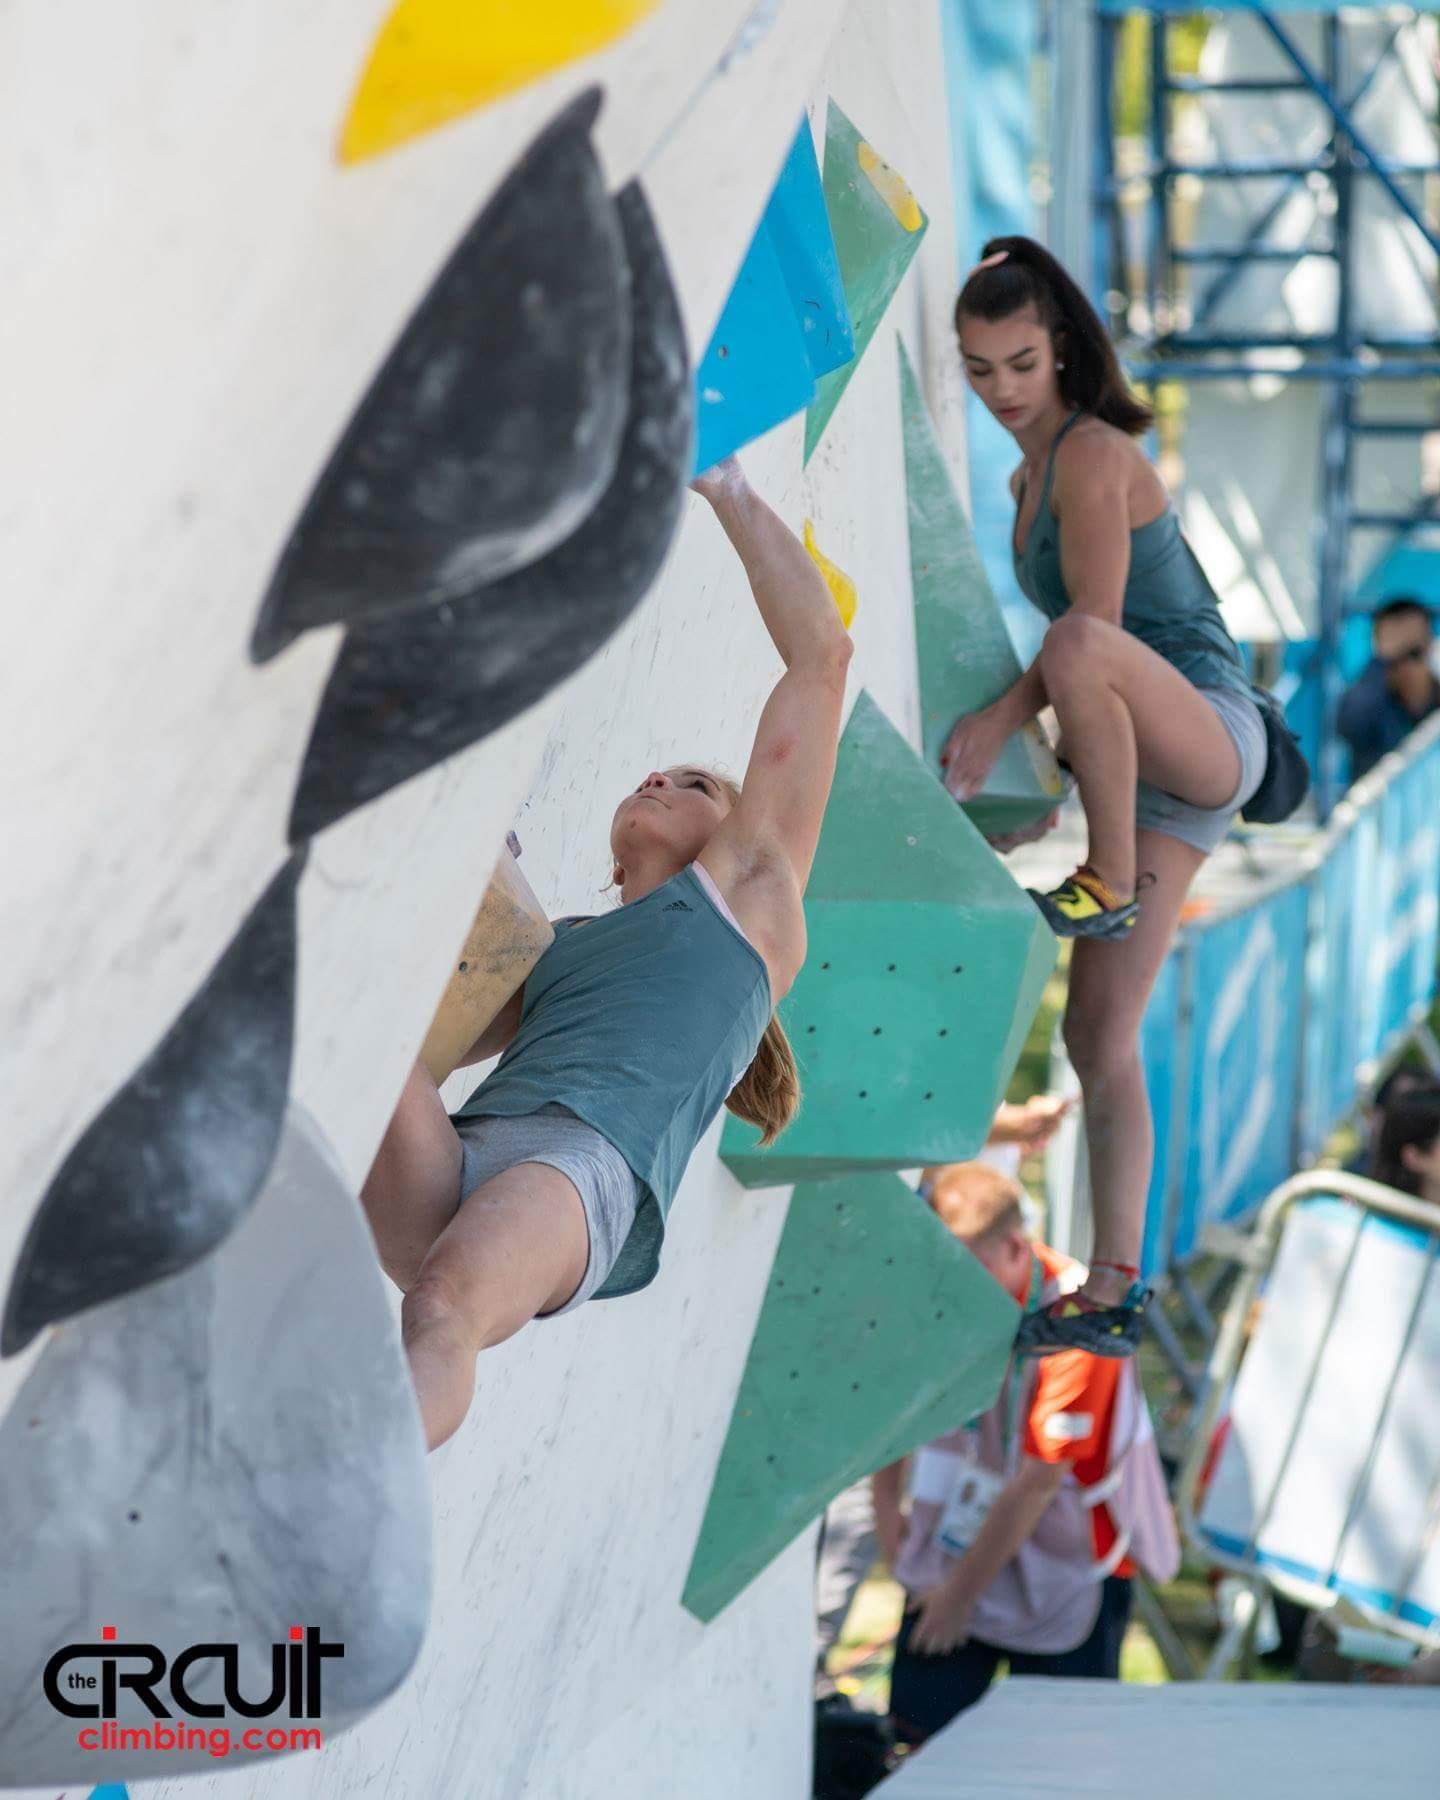 lukan_rakovec_moi_buenos_aires_2018_foto_circuit_climbing